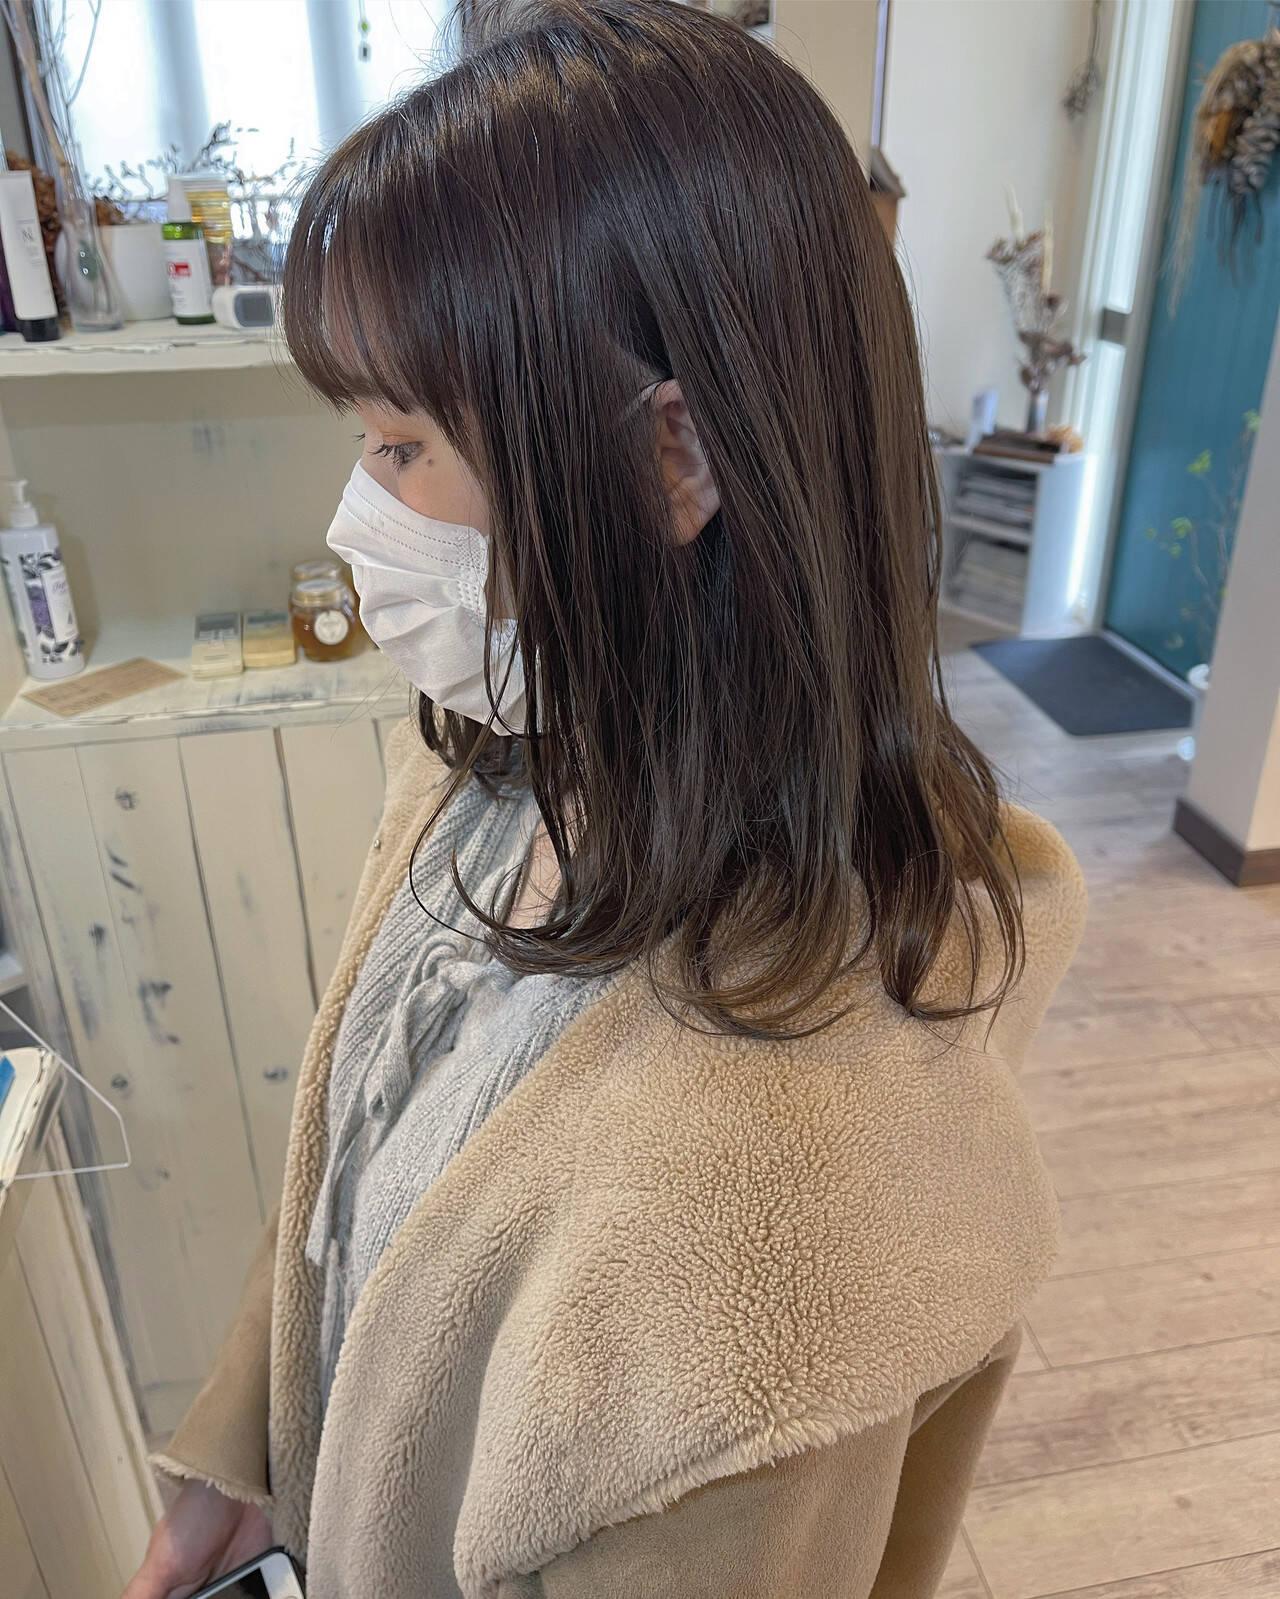 オリーブグレージュ セミロング オリーブベージュ オリーブブラウンヘアスタイルや髪型の写真・画像